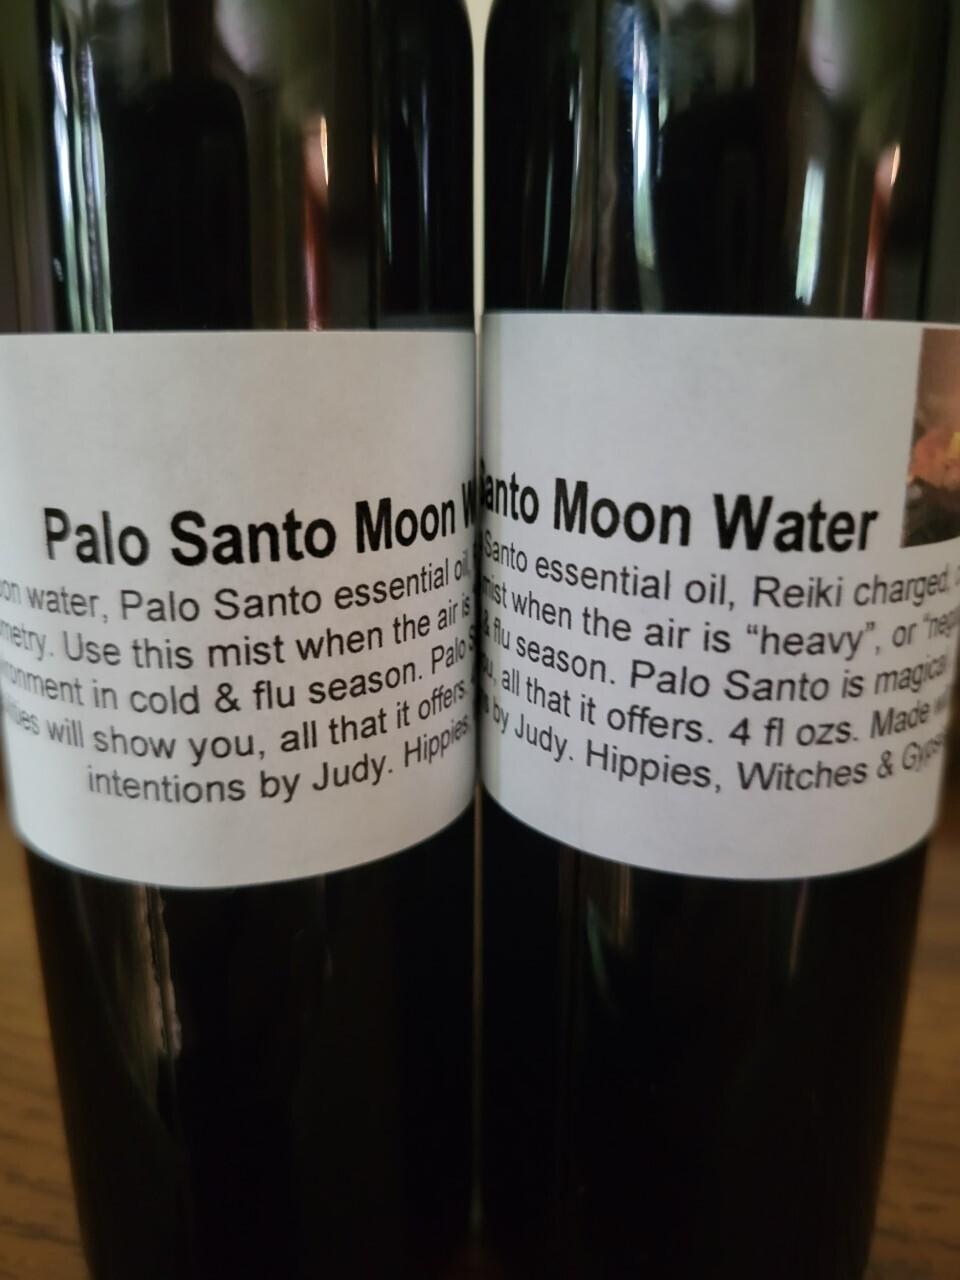 Moon Water Palo Santo 4 ozs (black bottle)